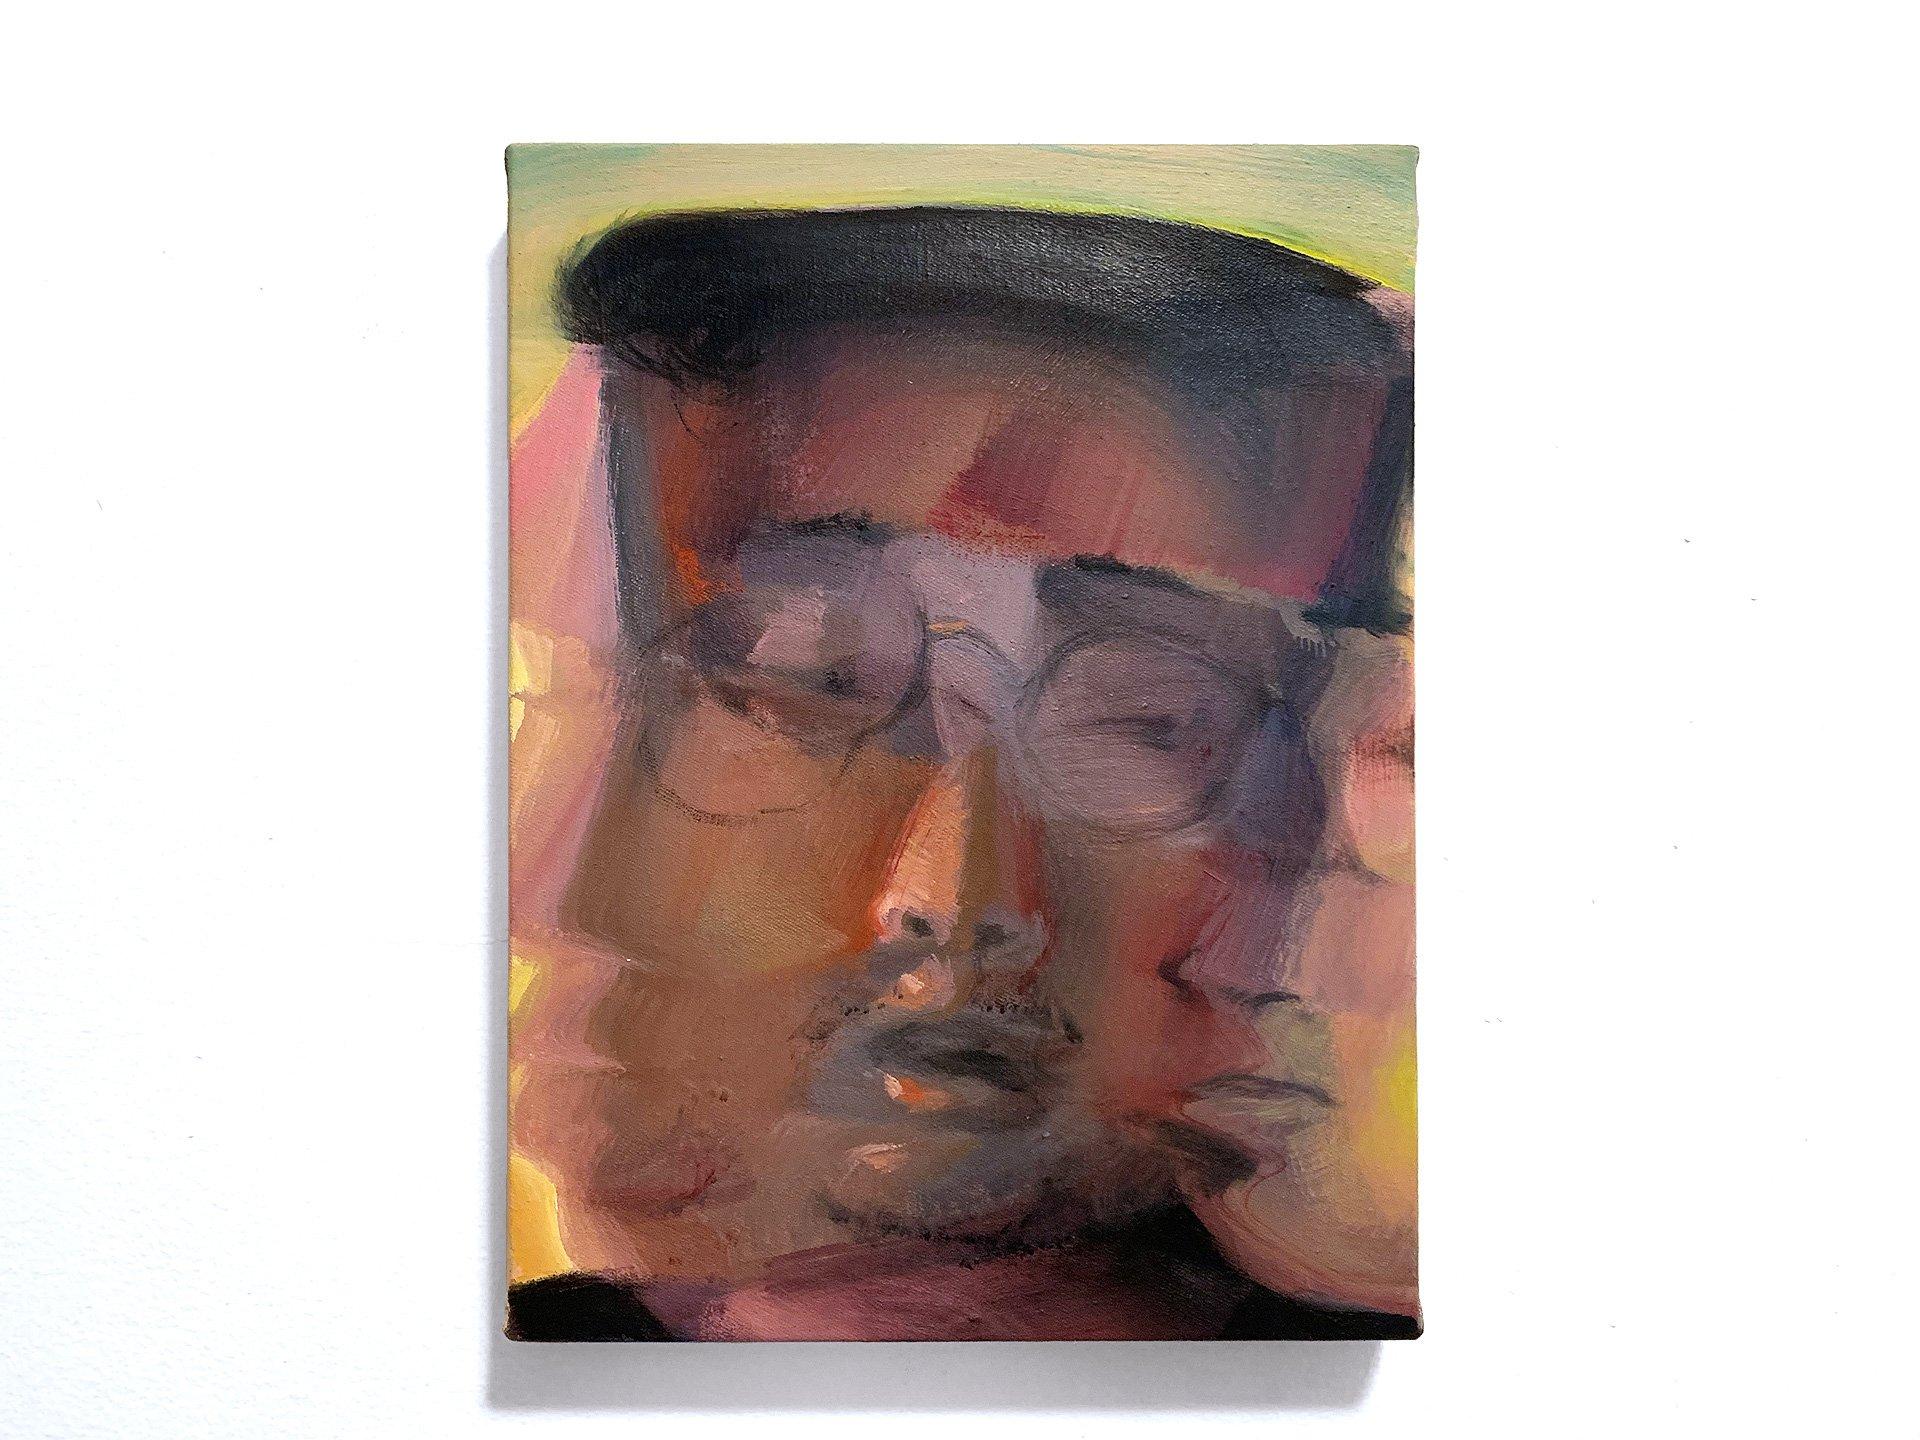 Alvin Ong - Murmuration 3